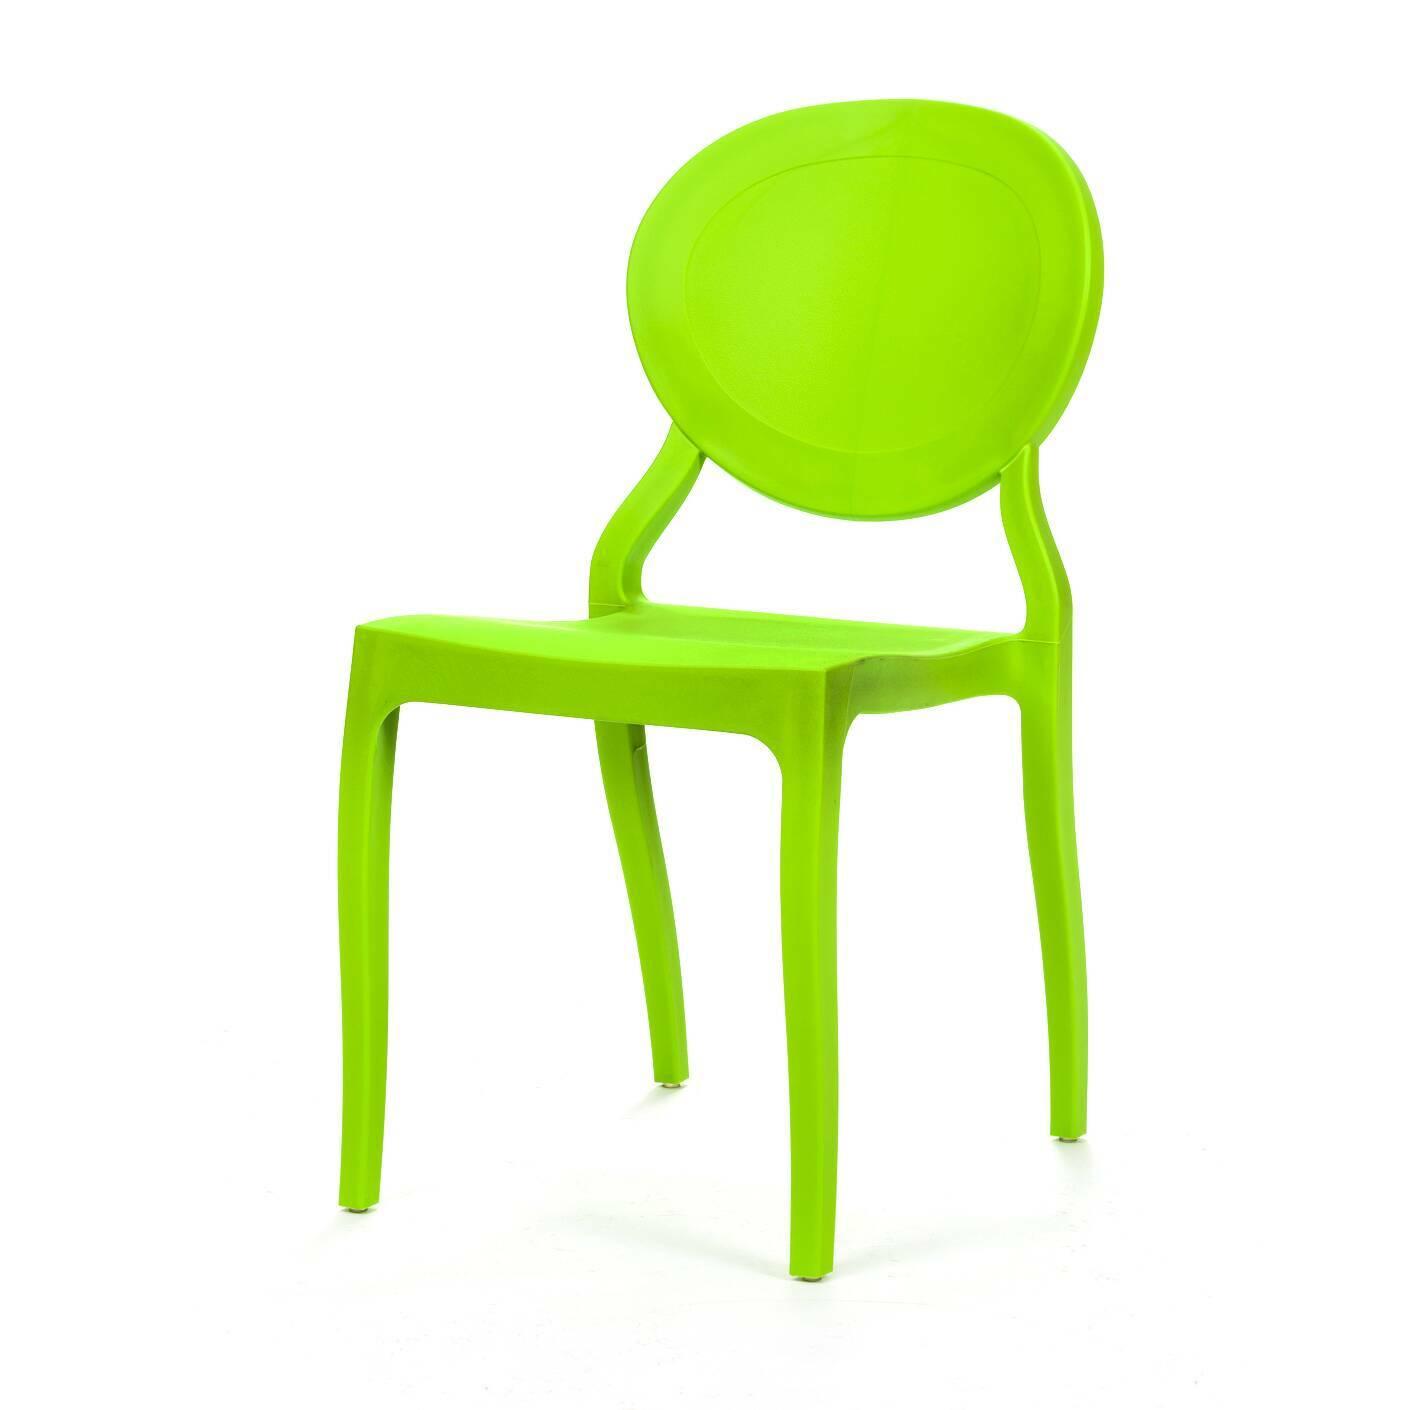 Стул Romola StackableИнтерьерные<br>Дизайнерский одноцветный яркий стул Romola Stackable (Ромола Стэкейбл) из полипропилена от Cosmo (Космо).<br><br>     Этот стул настолько простой и одновременно необычный, что его трудно однозначно отнести к конкретному стилю. Он великолепно сочетается с модерном и классикой, прекрасно вписывается в китч и минимализм, подходит для индустриального направления. Такая универсальность достигается благодаря сочетанию формы и материала.<br><br><br>     Ножки слегка изогнуты, фигурной формы сиденье и круглая ...<br><br>stock: 14<br>Высота: 82<br>Высота сиденья: 44<br>Ширина: 42<br>Глубина: 55,5<br>Тип материала каркаса: Полипропилен<br>Цвет каркаса: Зеленый